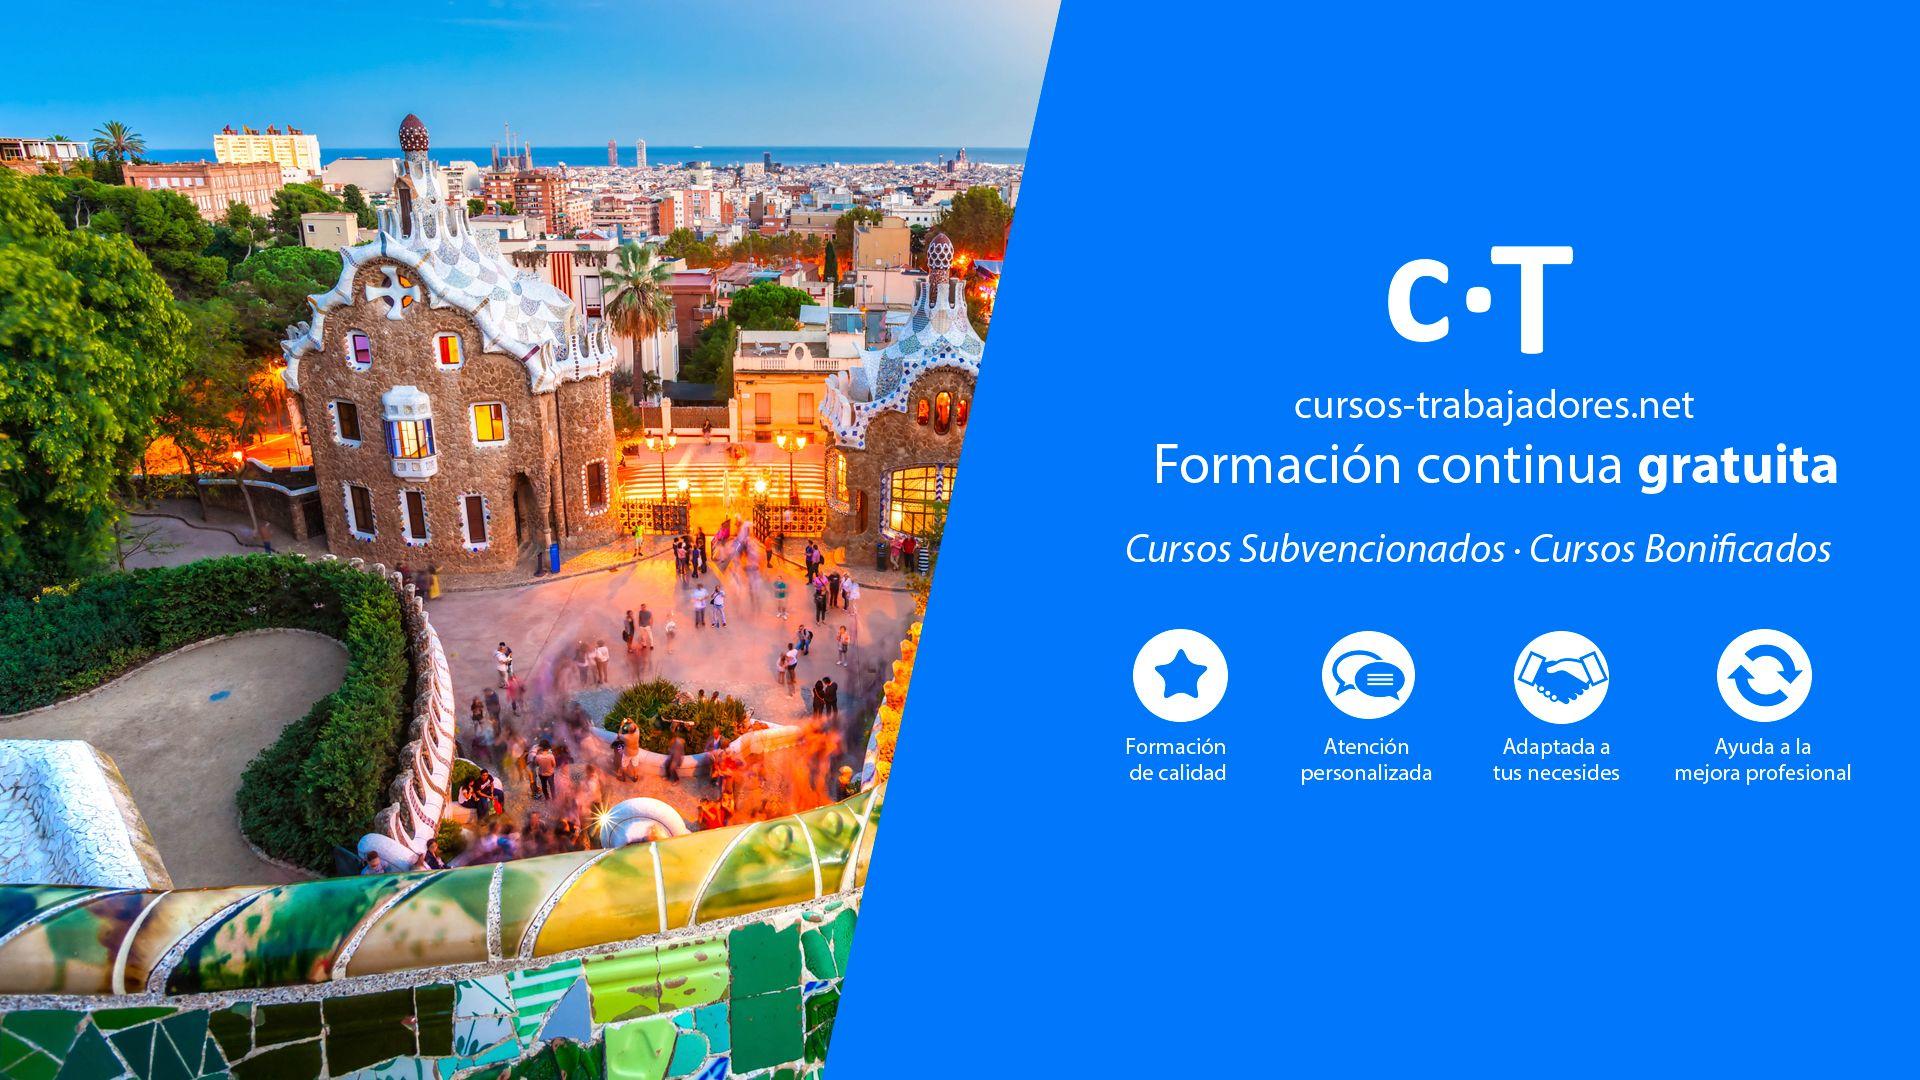 Cursos Gratuitos Para Trabajadores Barcelona 2021